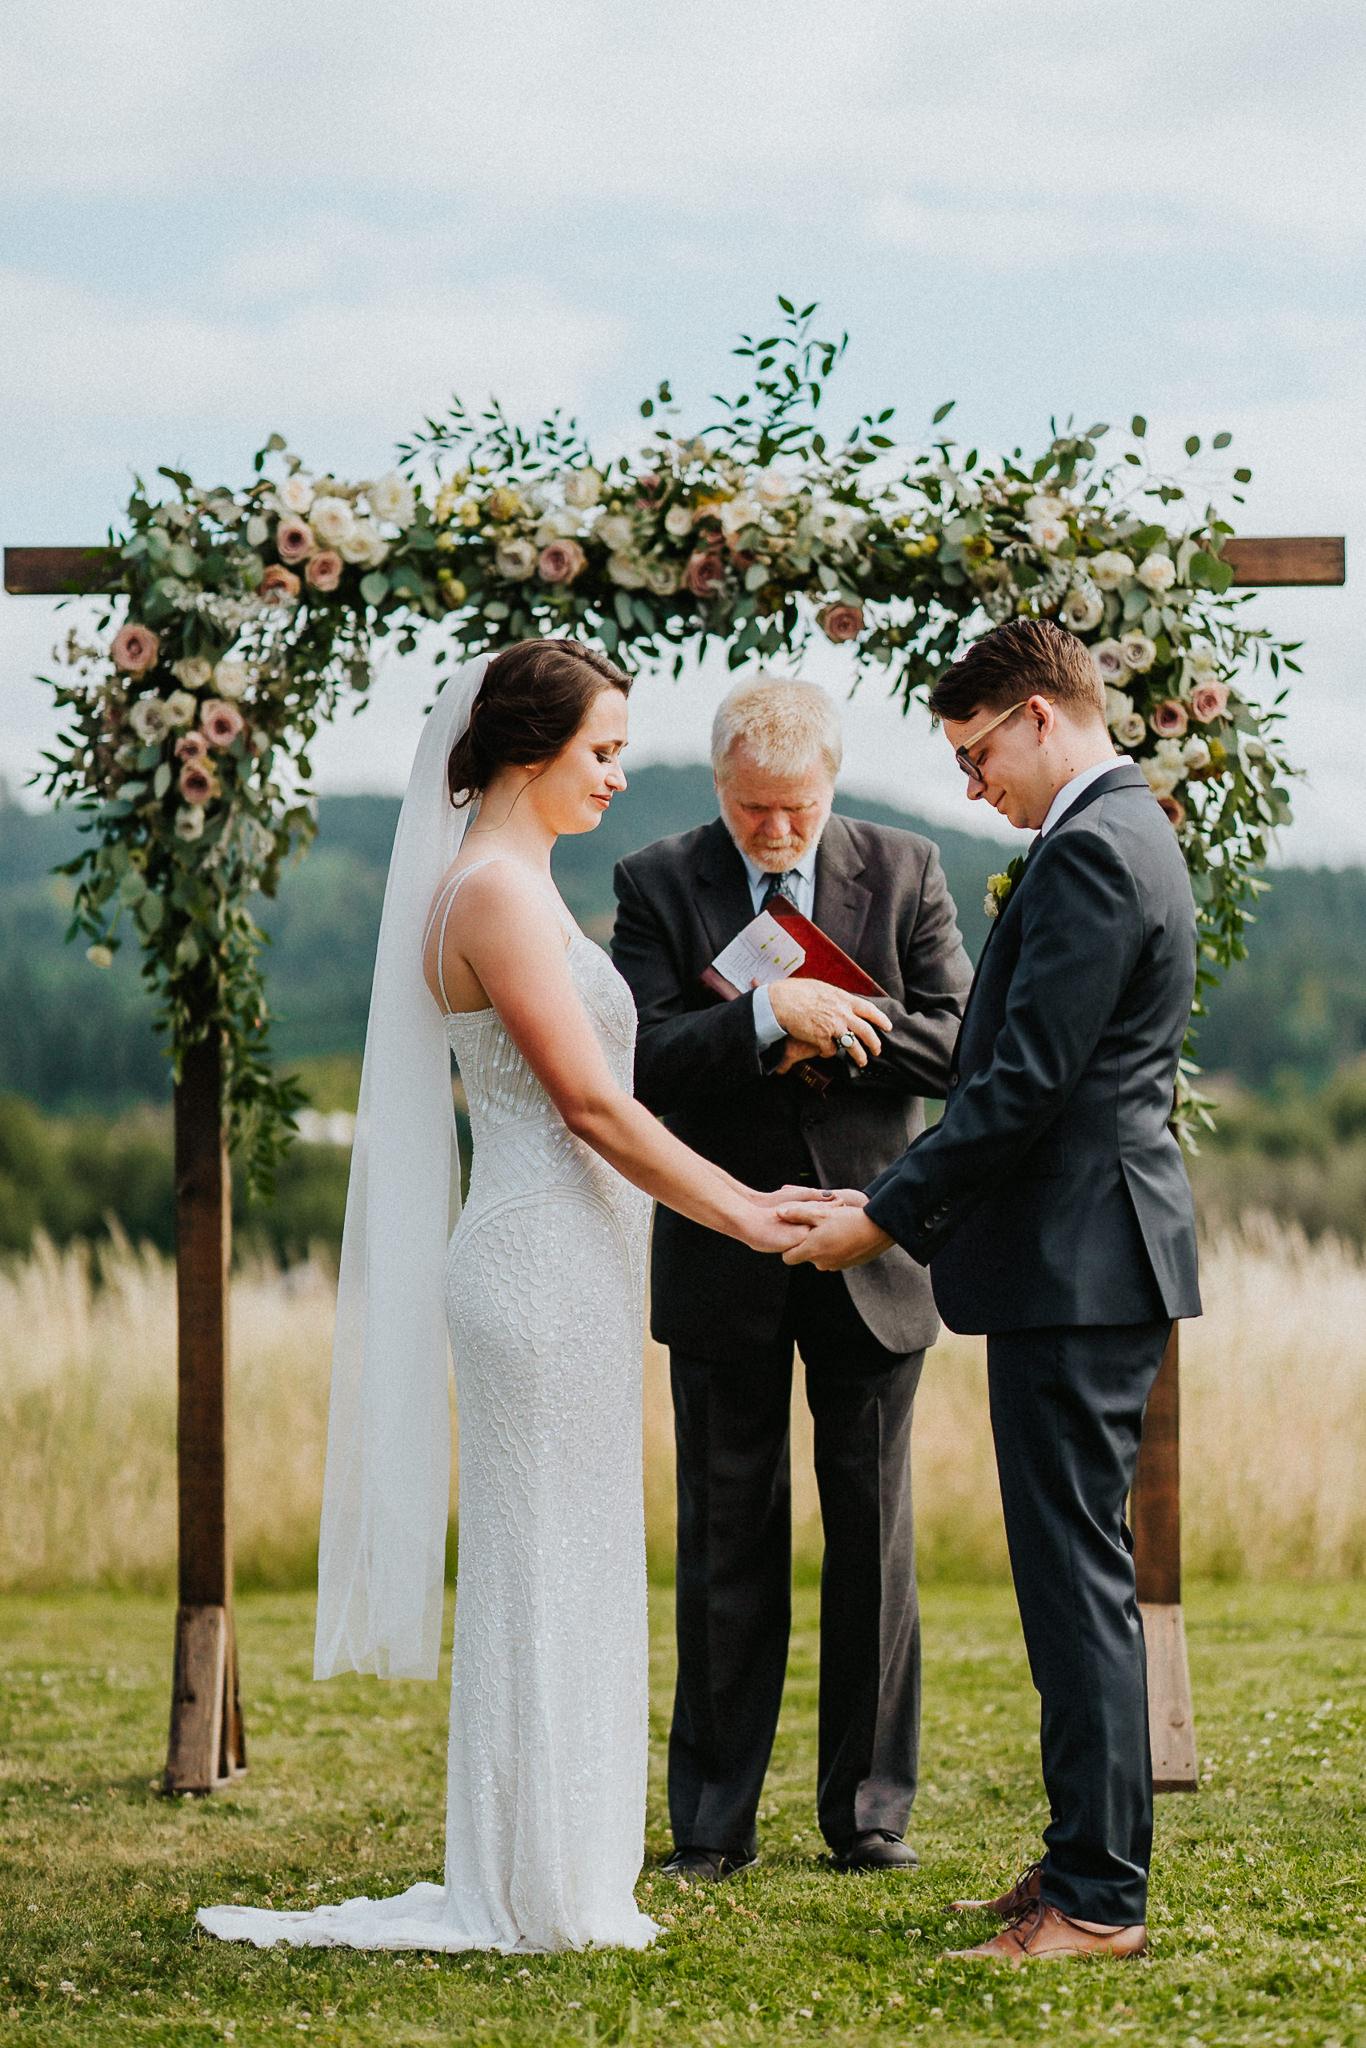 Bride Groom Minister prayer blessing God Christian Alter Wedding